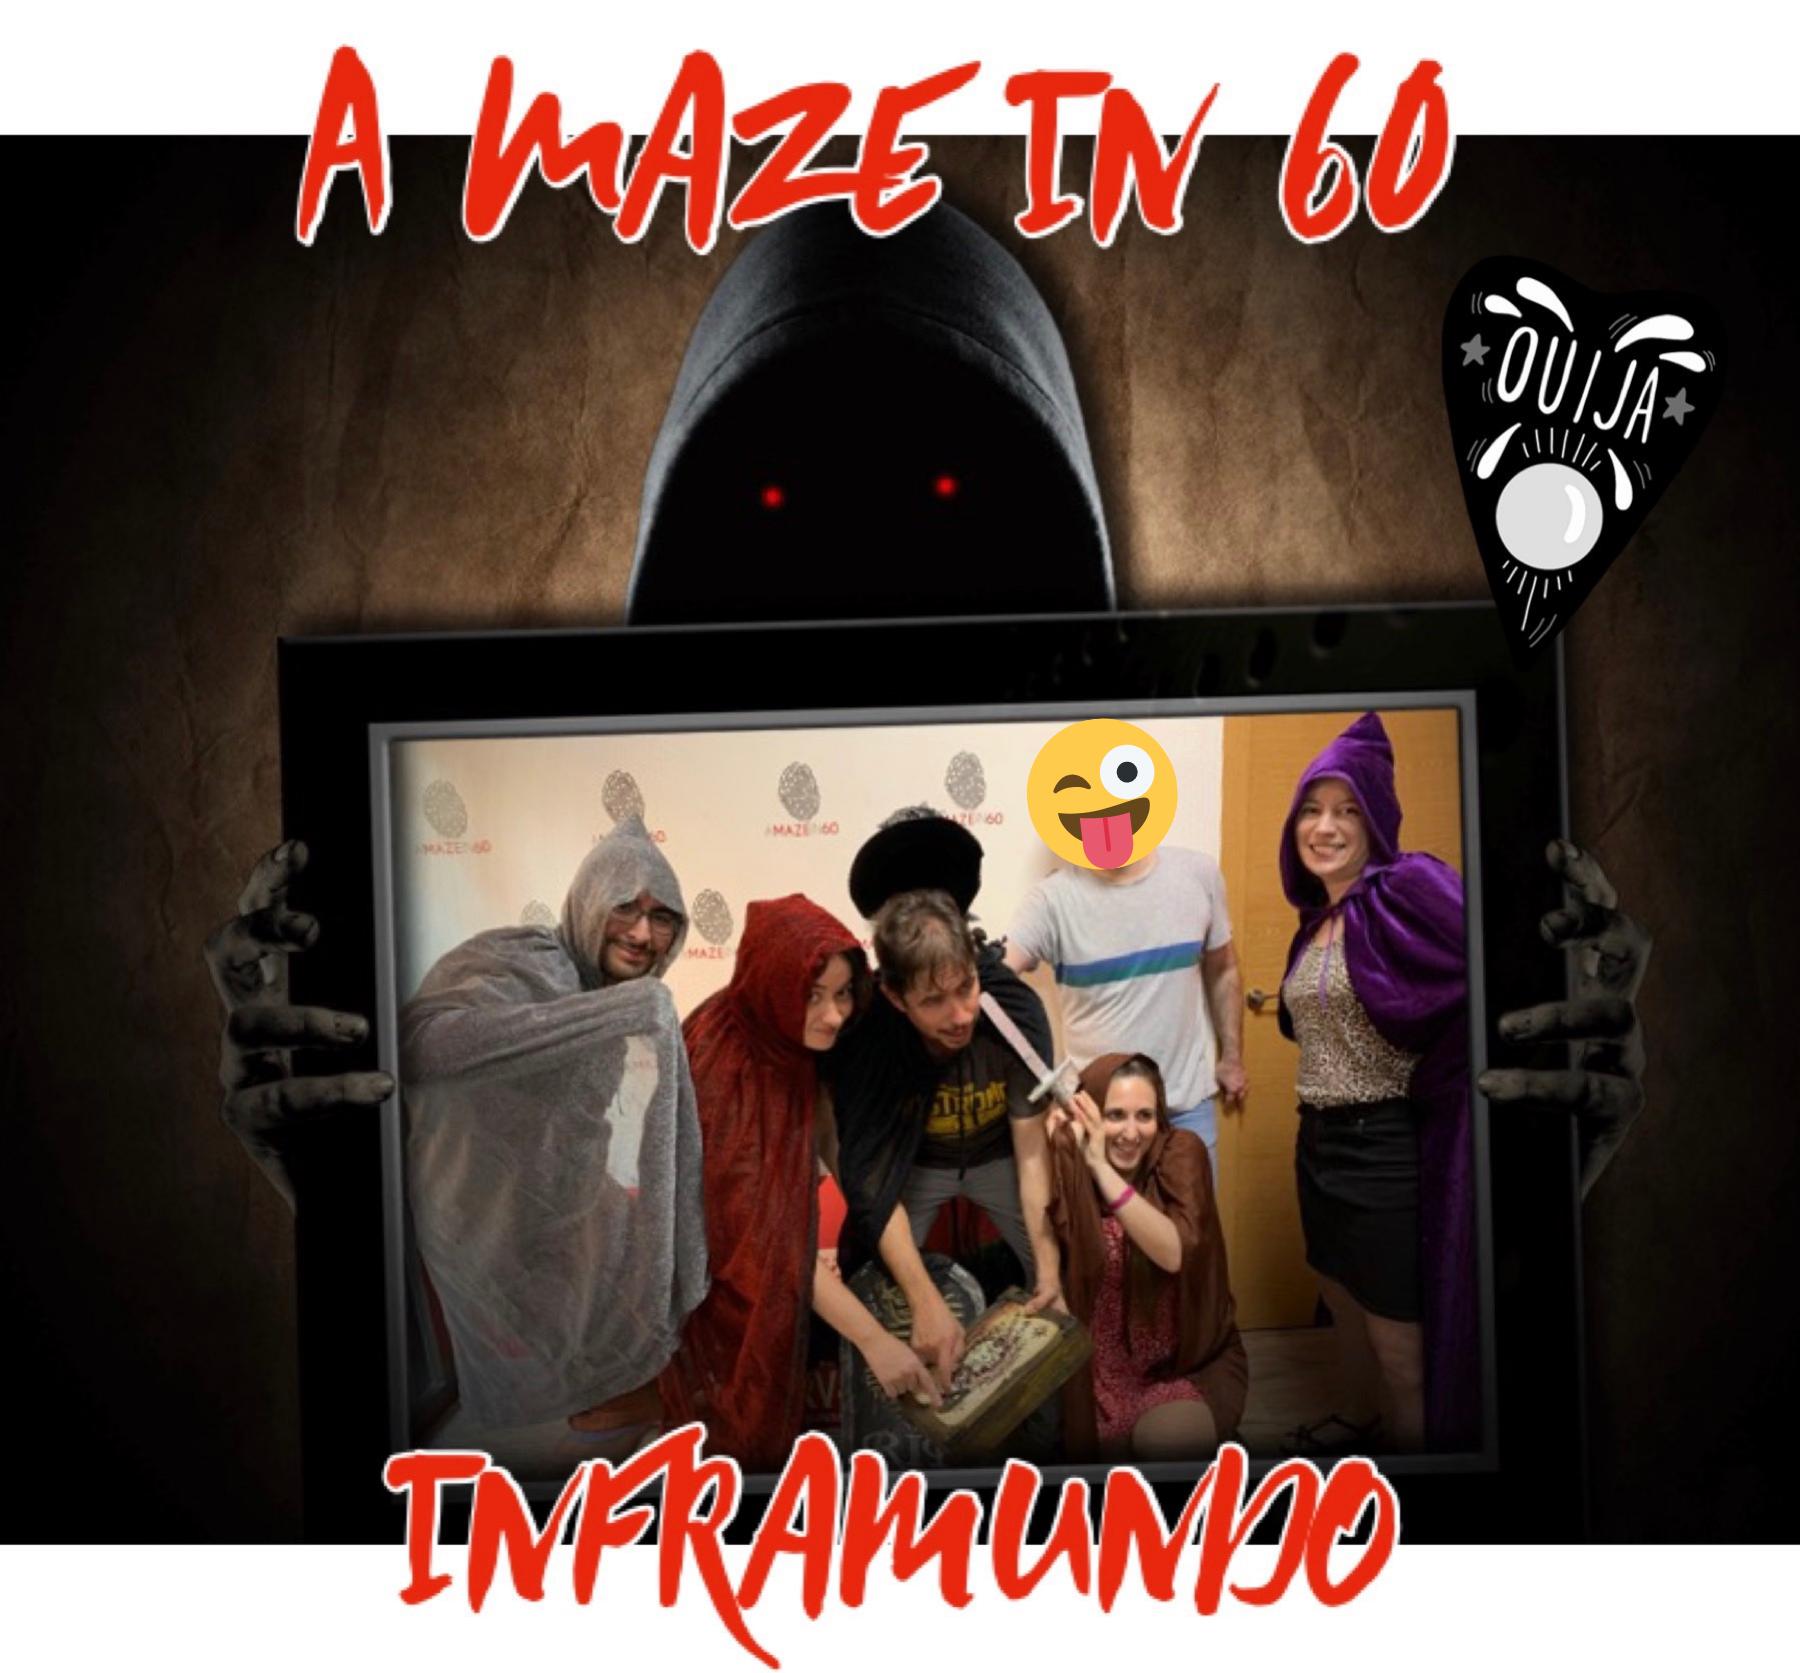 Inframundo (AMazeIn60).png